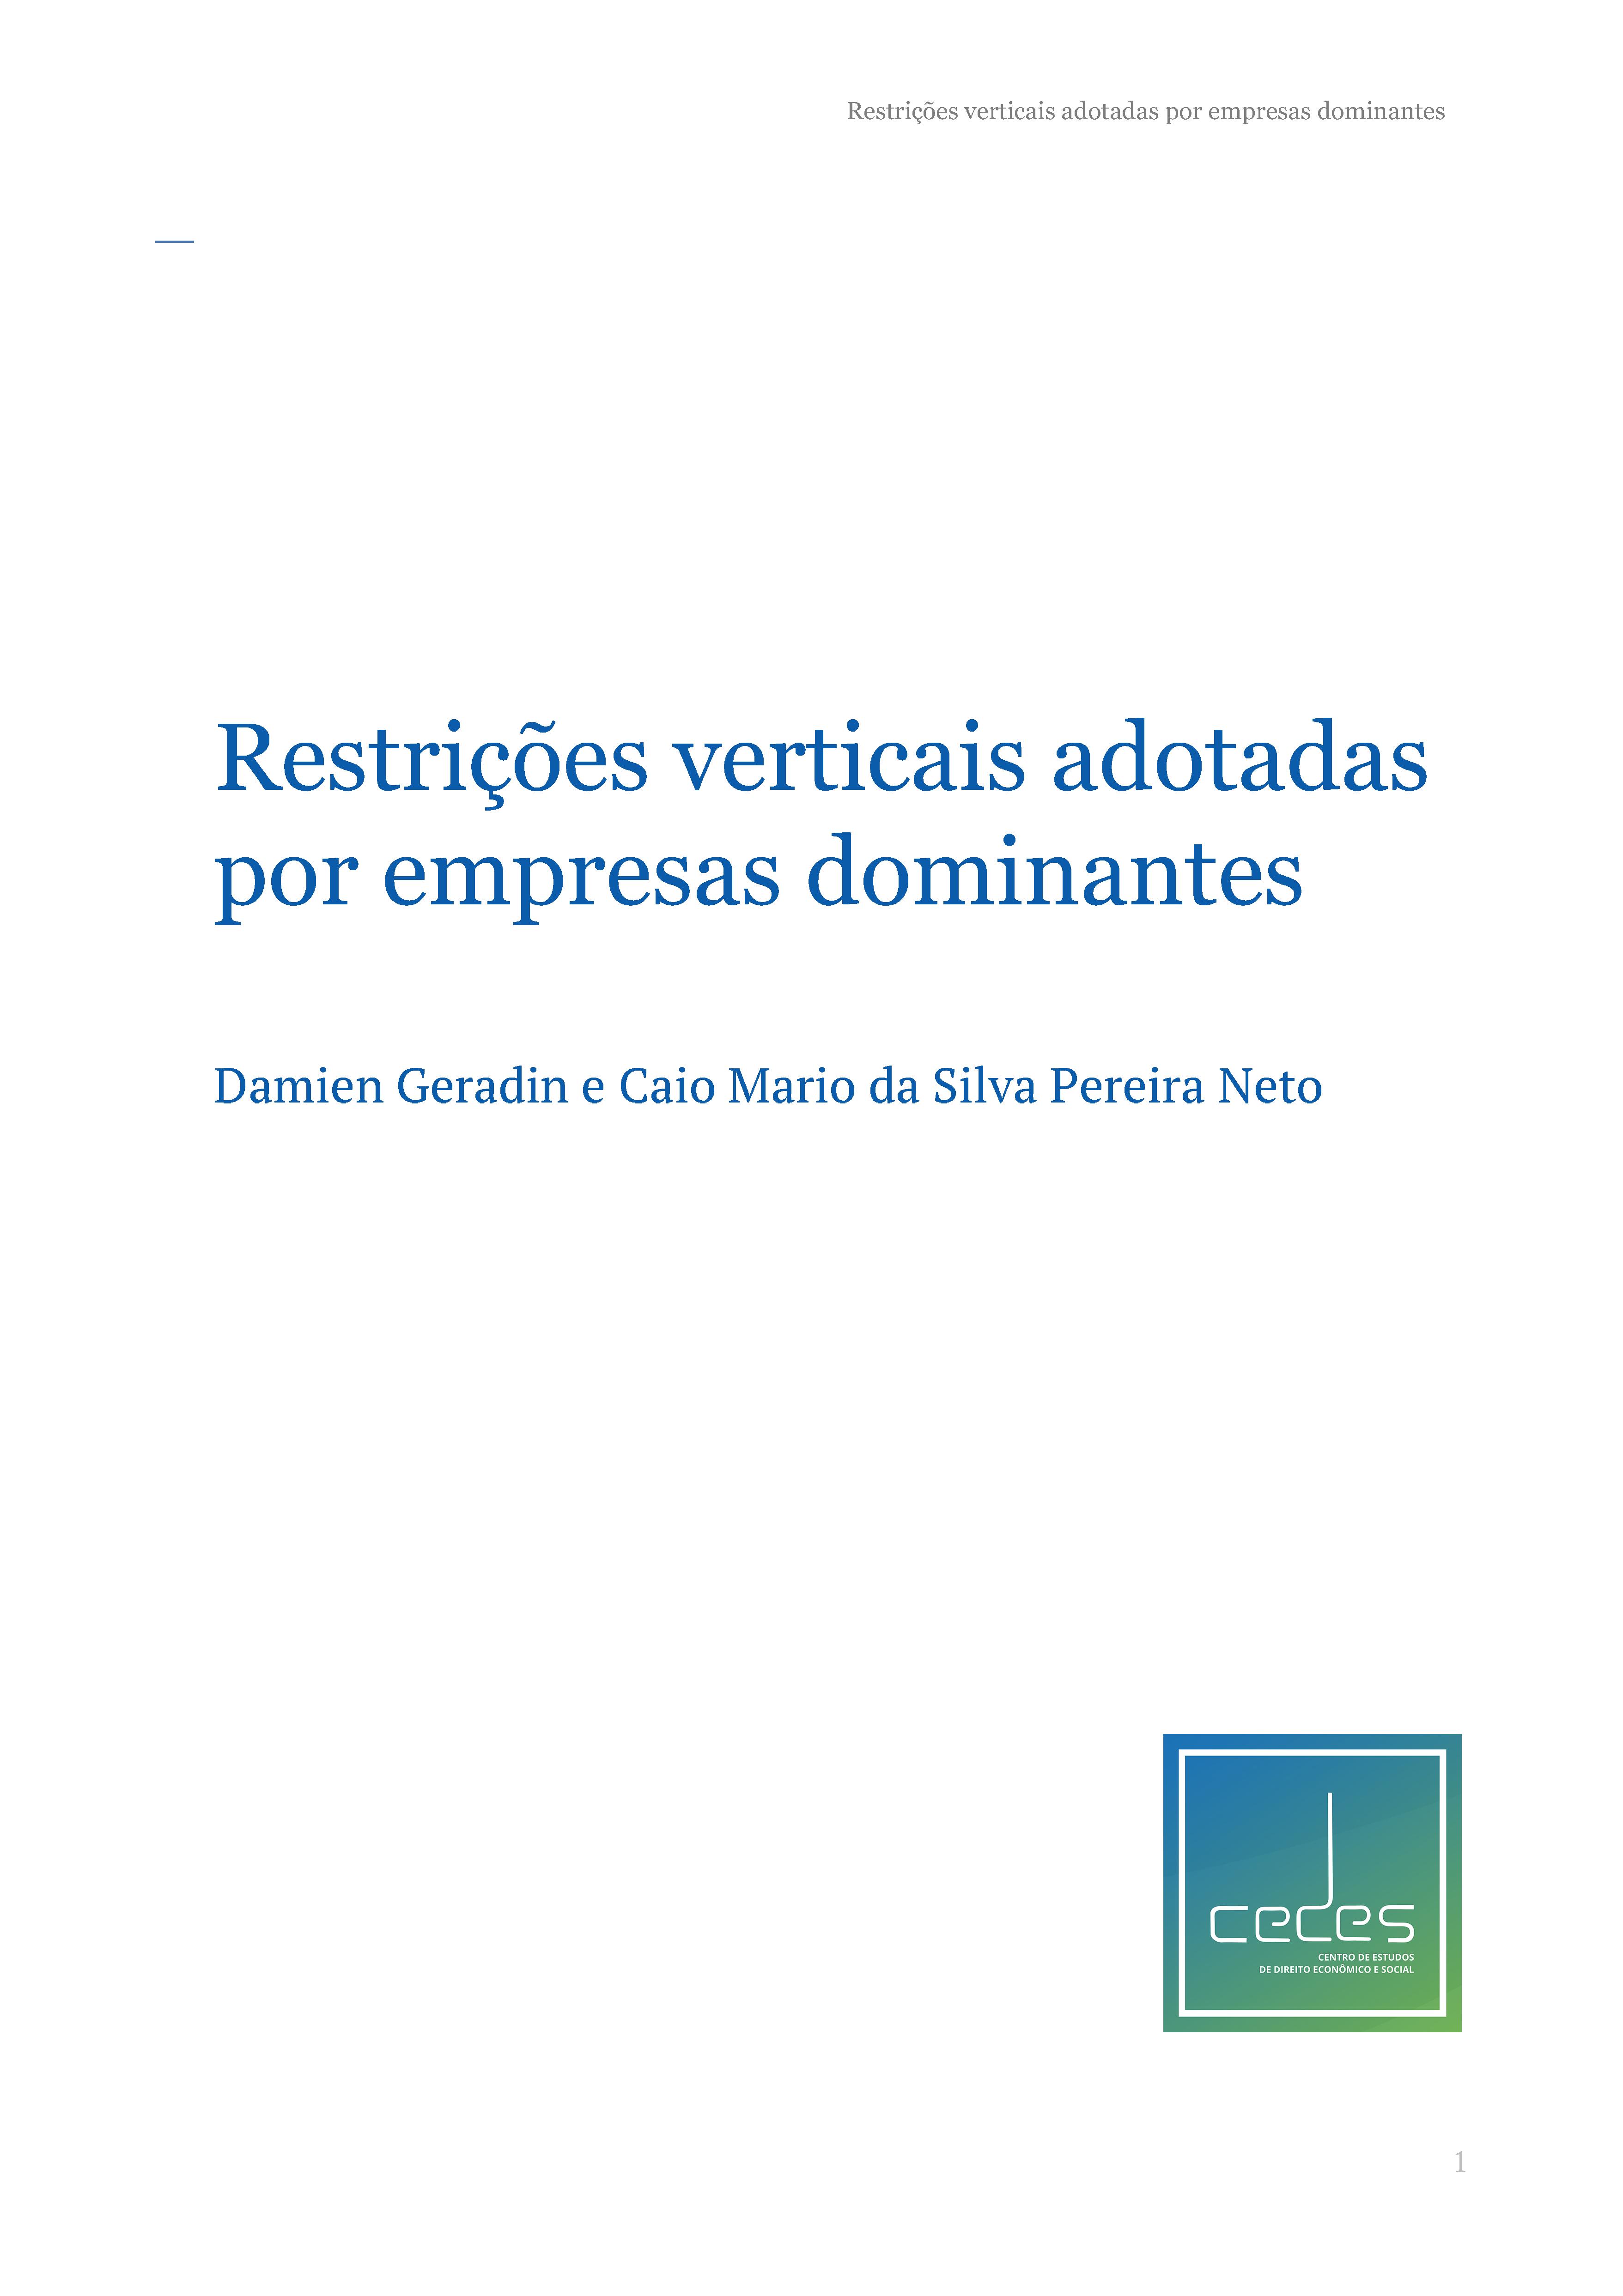 Pesquisa_restrições